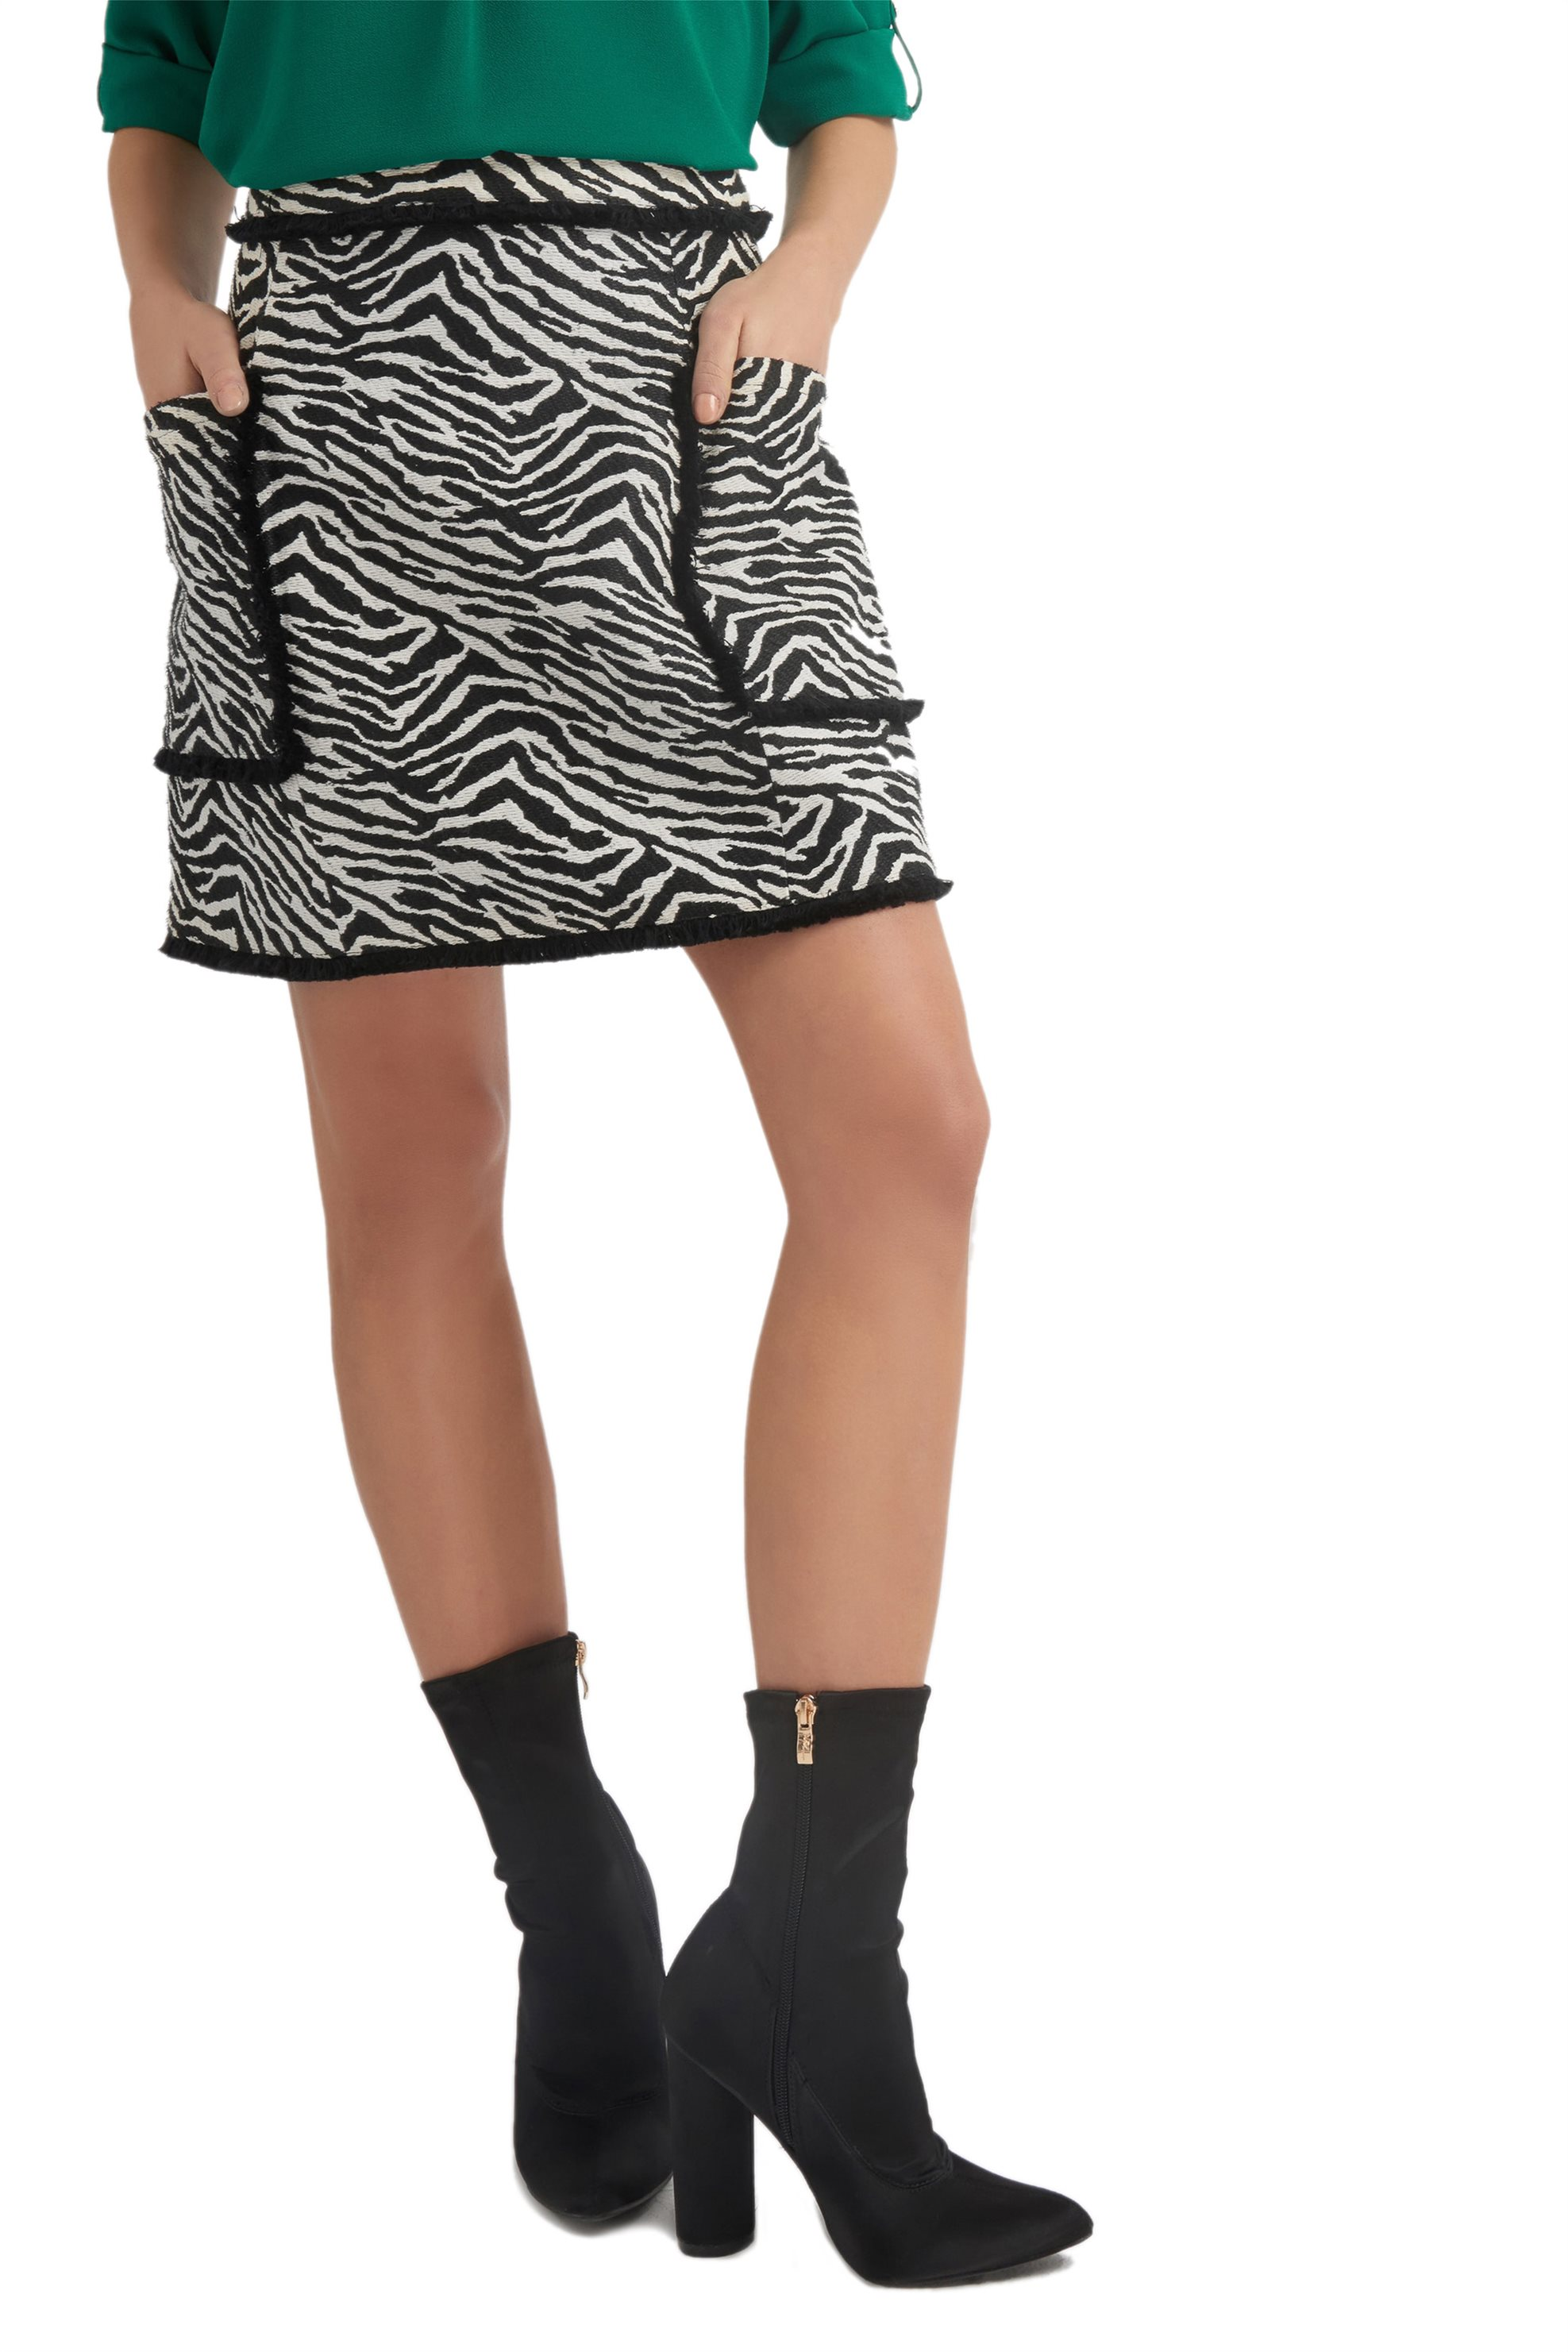 d7b57e45cc63 Γυναικεία   Ρούχα   Φούστες   Καθημερινές   Φούστα Αλφα γραμμή ...